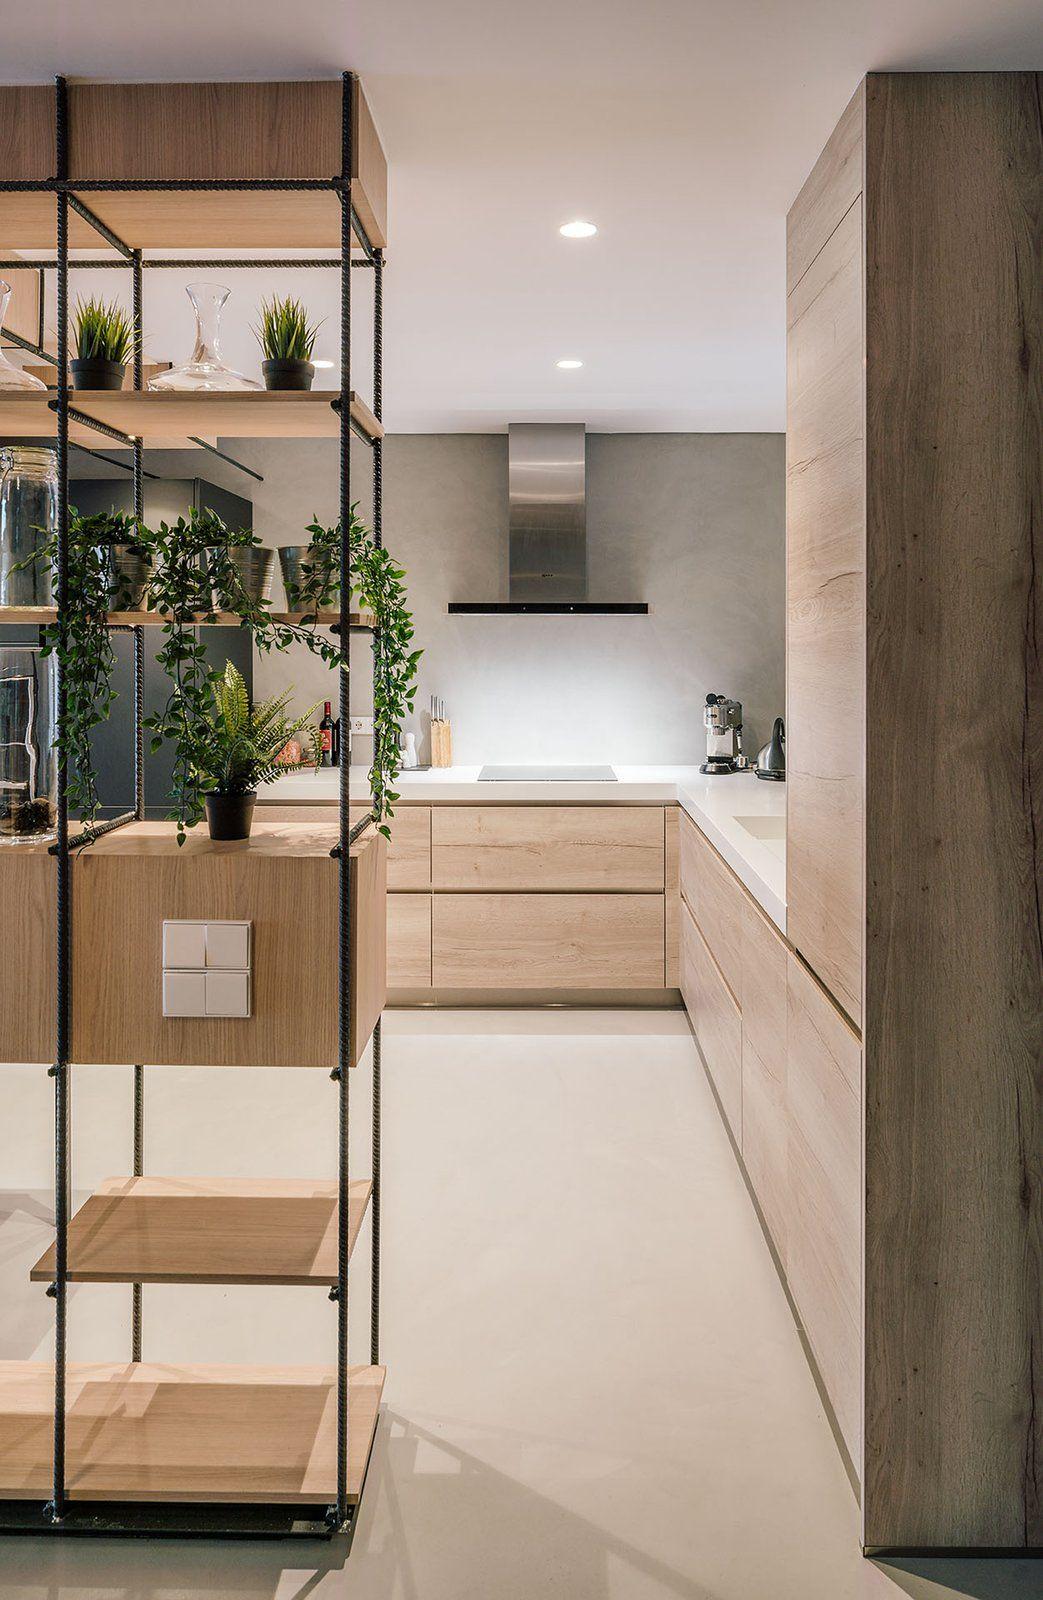 Sierra House by Steyn Studio in 2020 | Wood cabinets ...